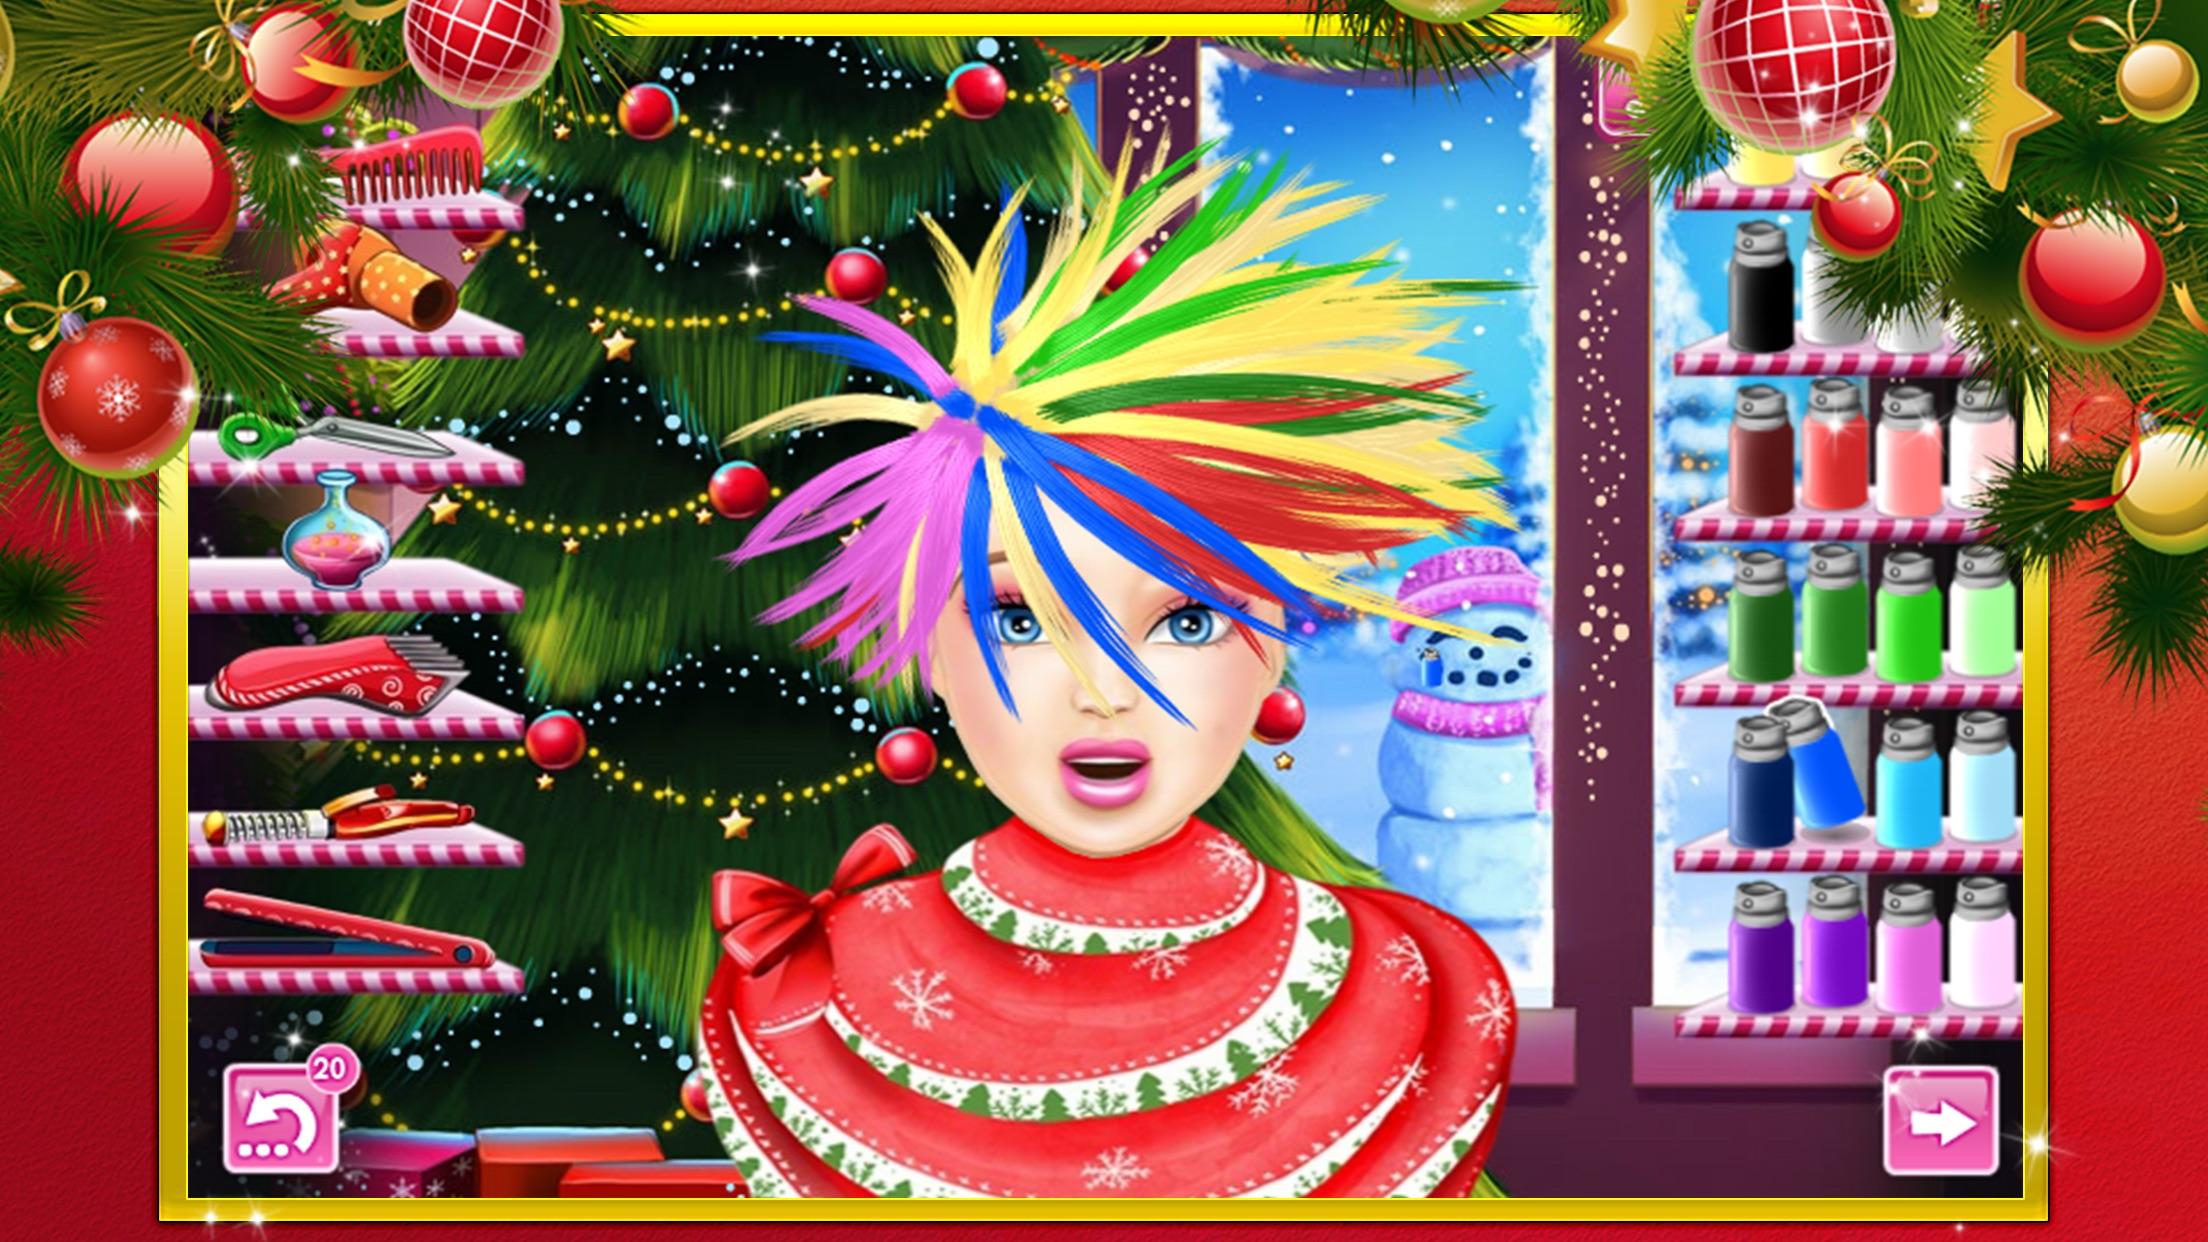 可爱公主的圣诞发型